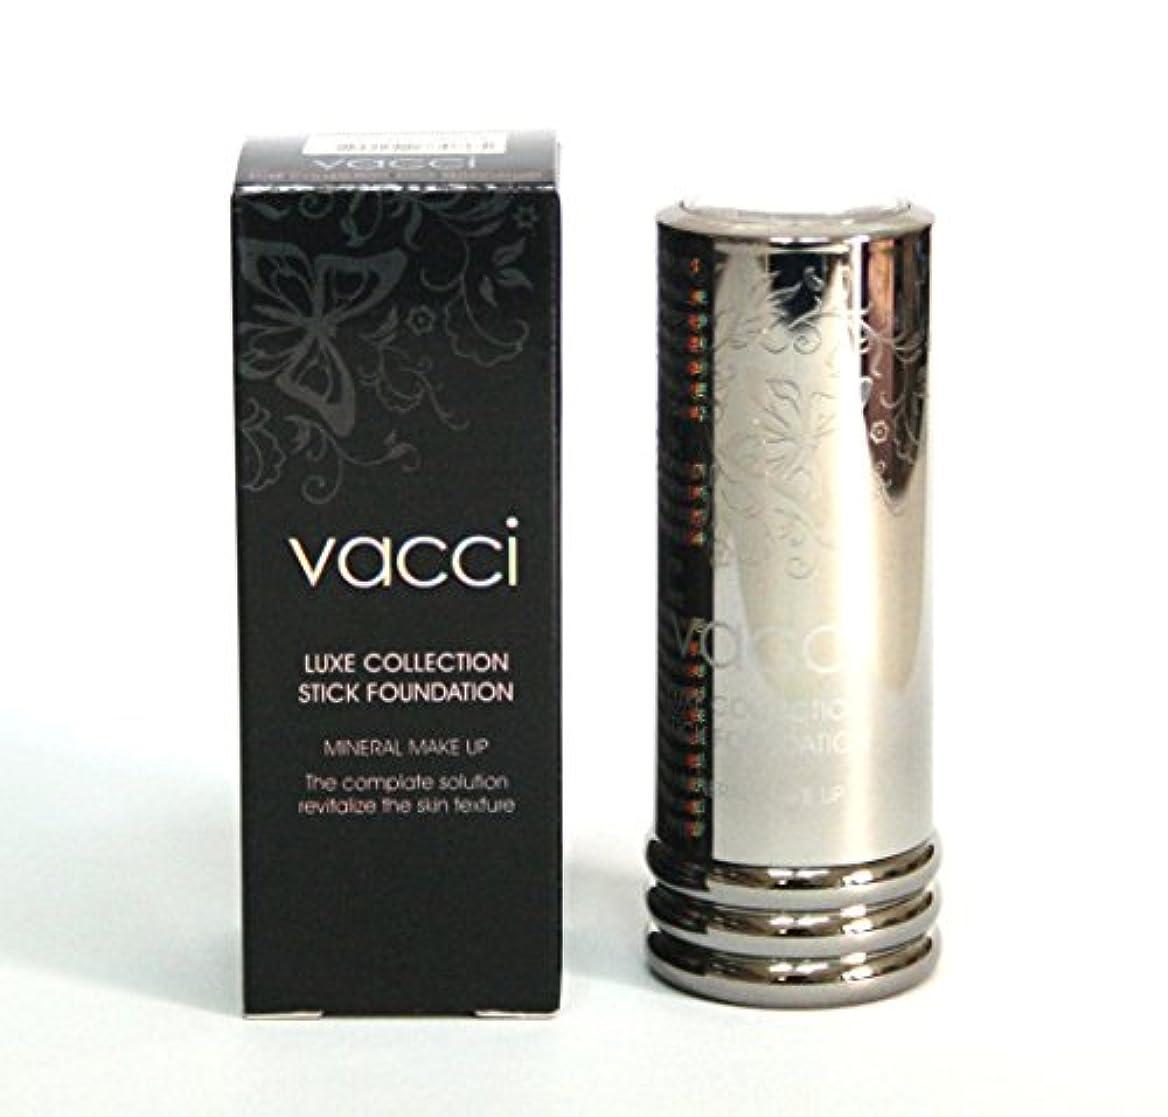 ペン構想する[VACCI] スティックファンデーション13g / LUXE COLLECTION Stick Foundation 13g / に皮脂コントロール / sebum control / #33ダークベージュ / #33 Dark beige/ 韓国化粧品 / Korean Cosmetics [並行輸入品]